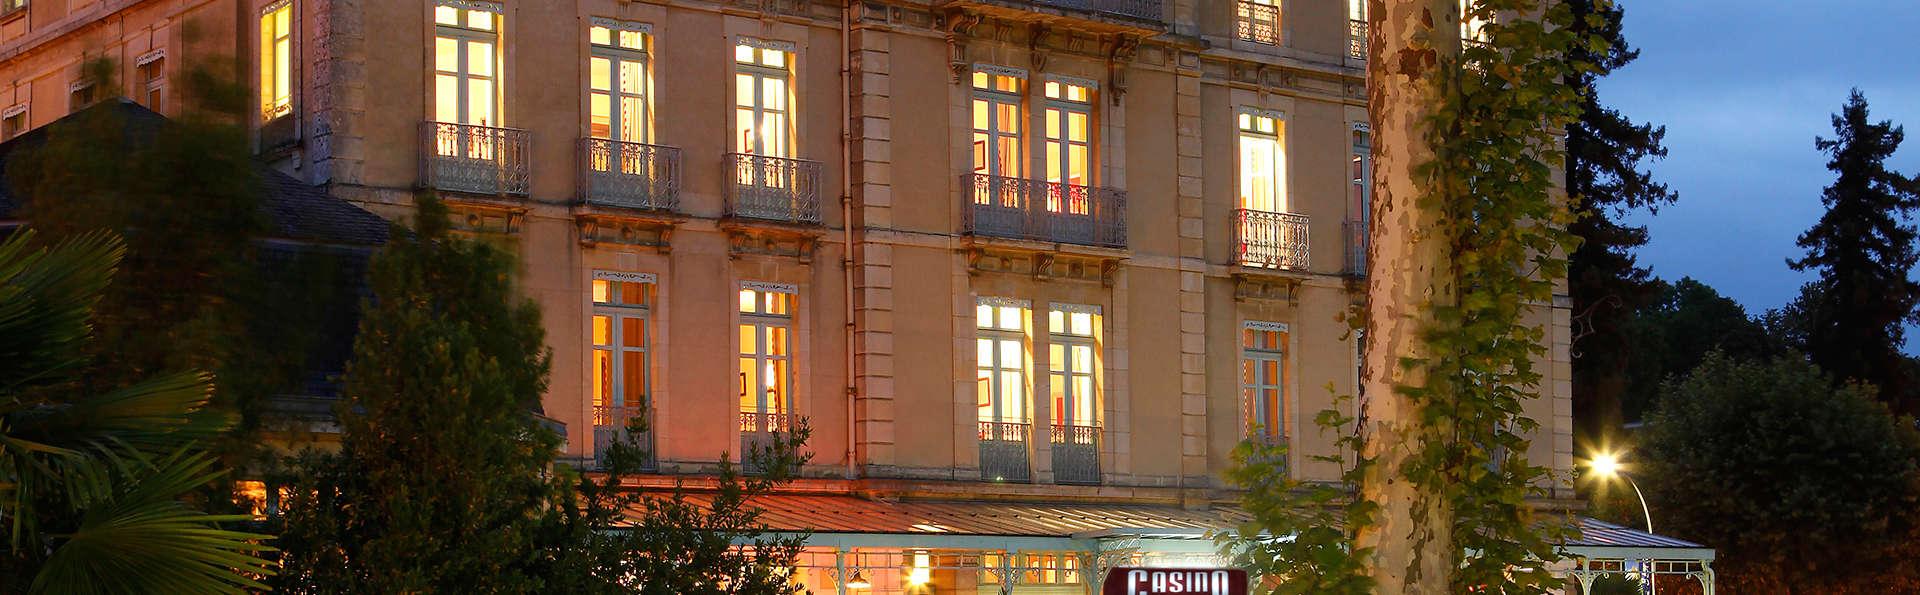 Hôtel du Parc - Salies de Béarn - EDIT_front4.jpg